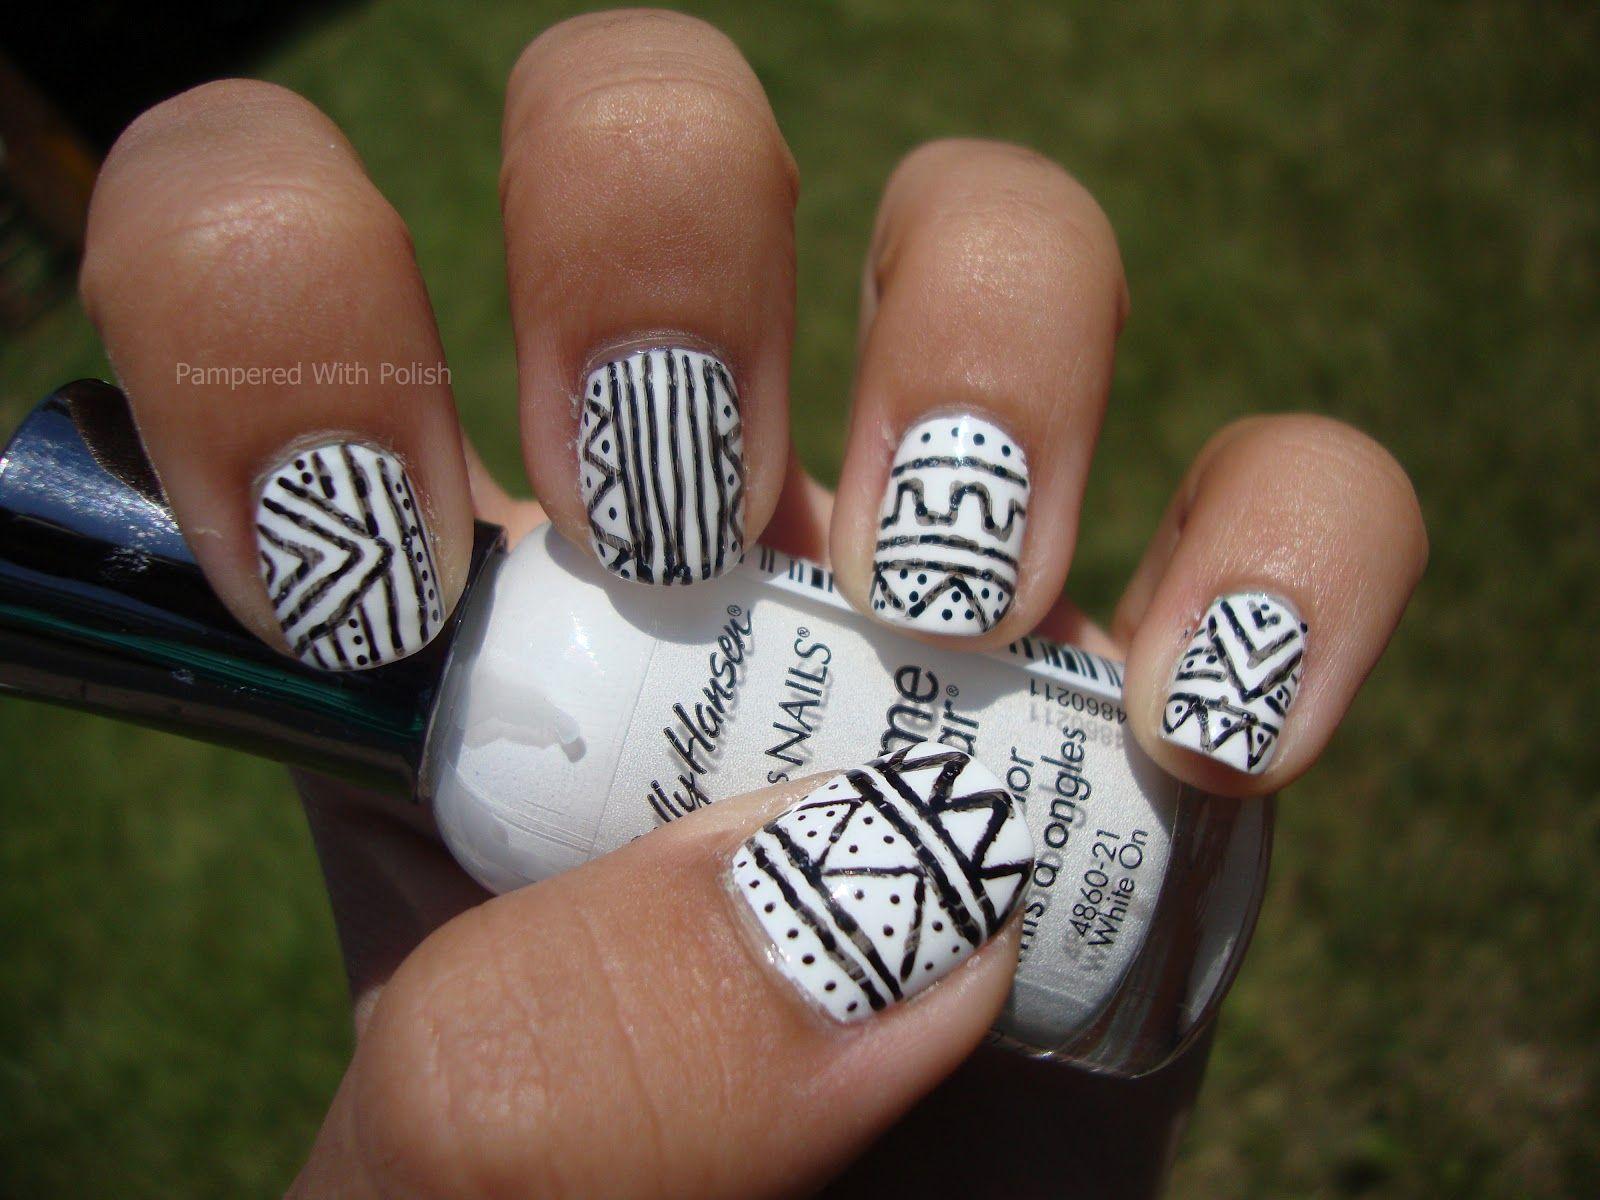 Pin by chio villamollo on nails pinterest black nails and nail nail